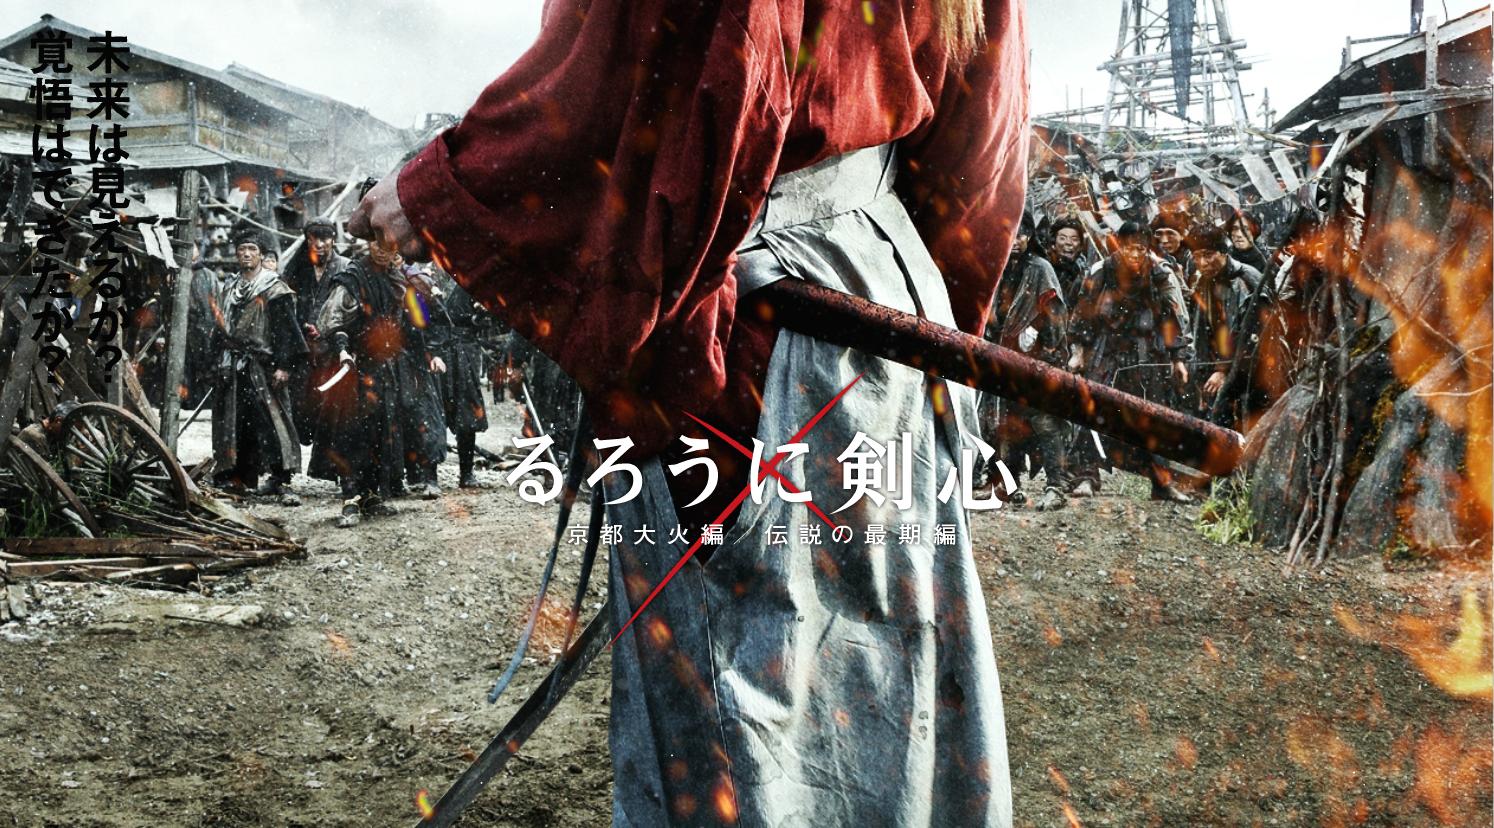 Review film rurouni kenshin kyoto inferno film hasil adaptasi terbaik jagat review